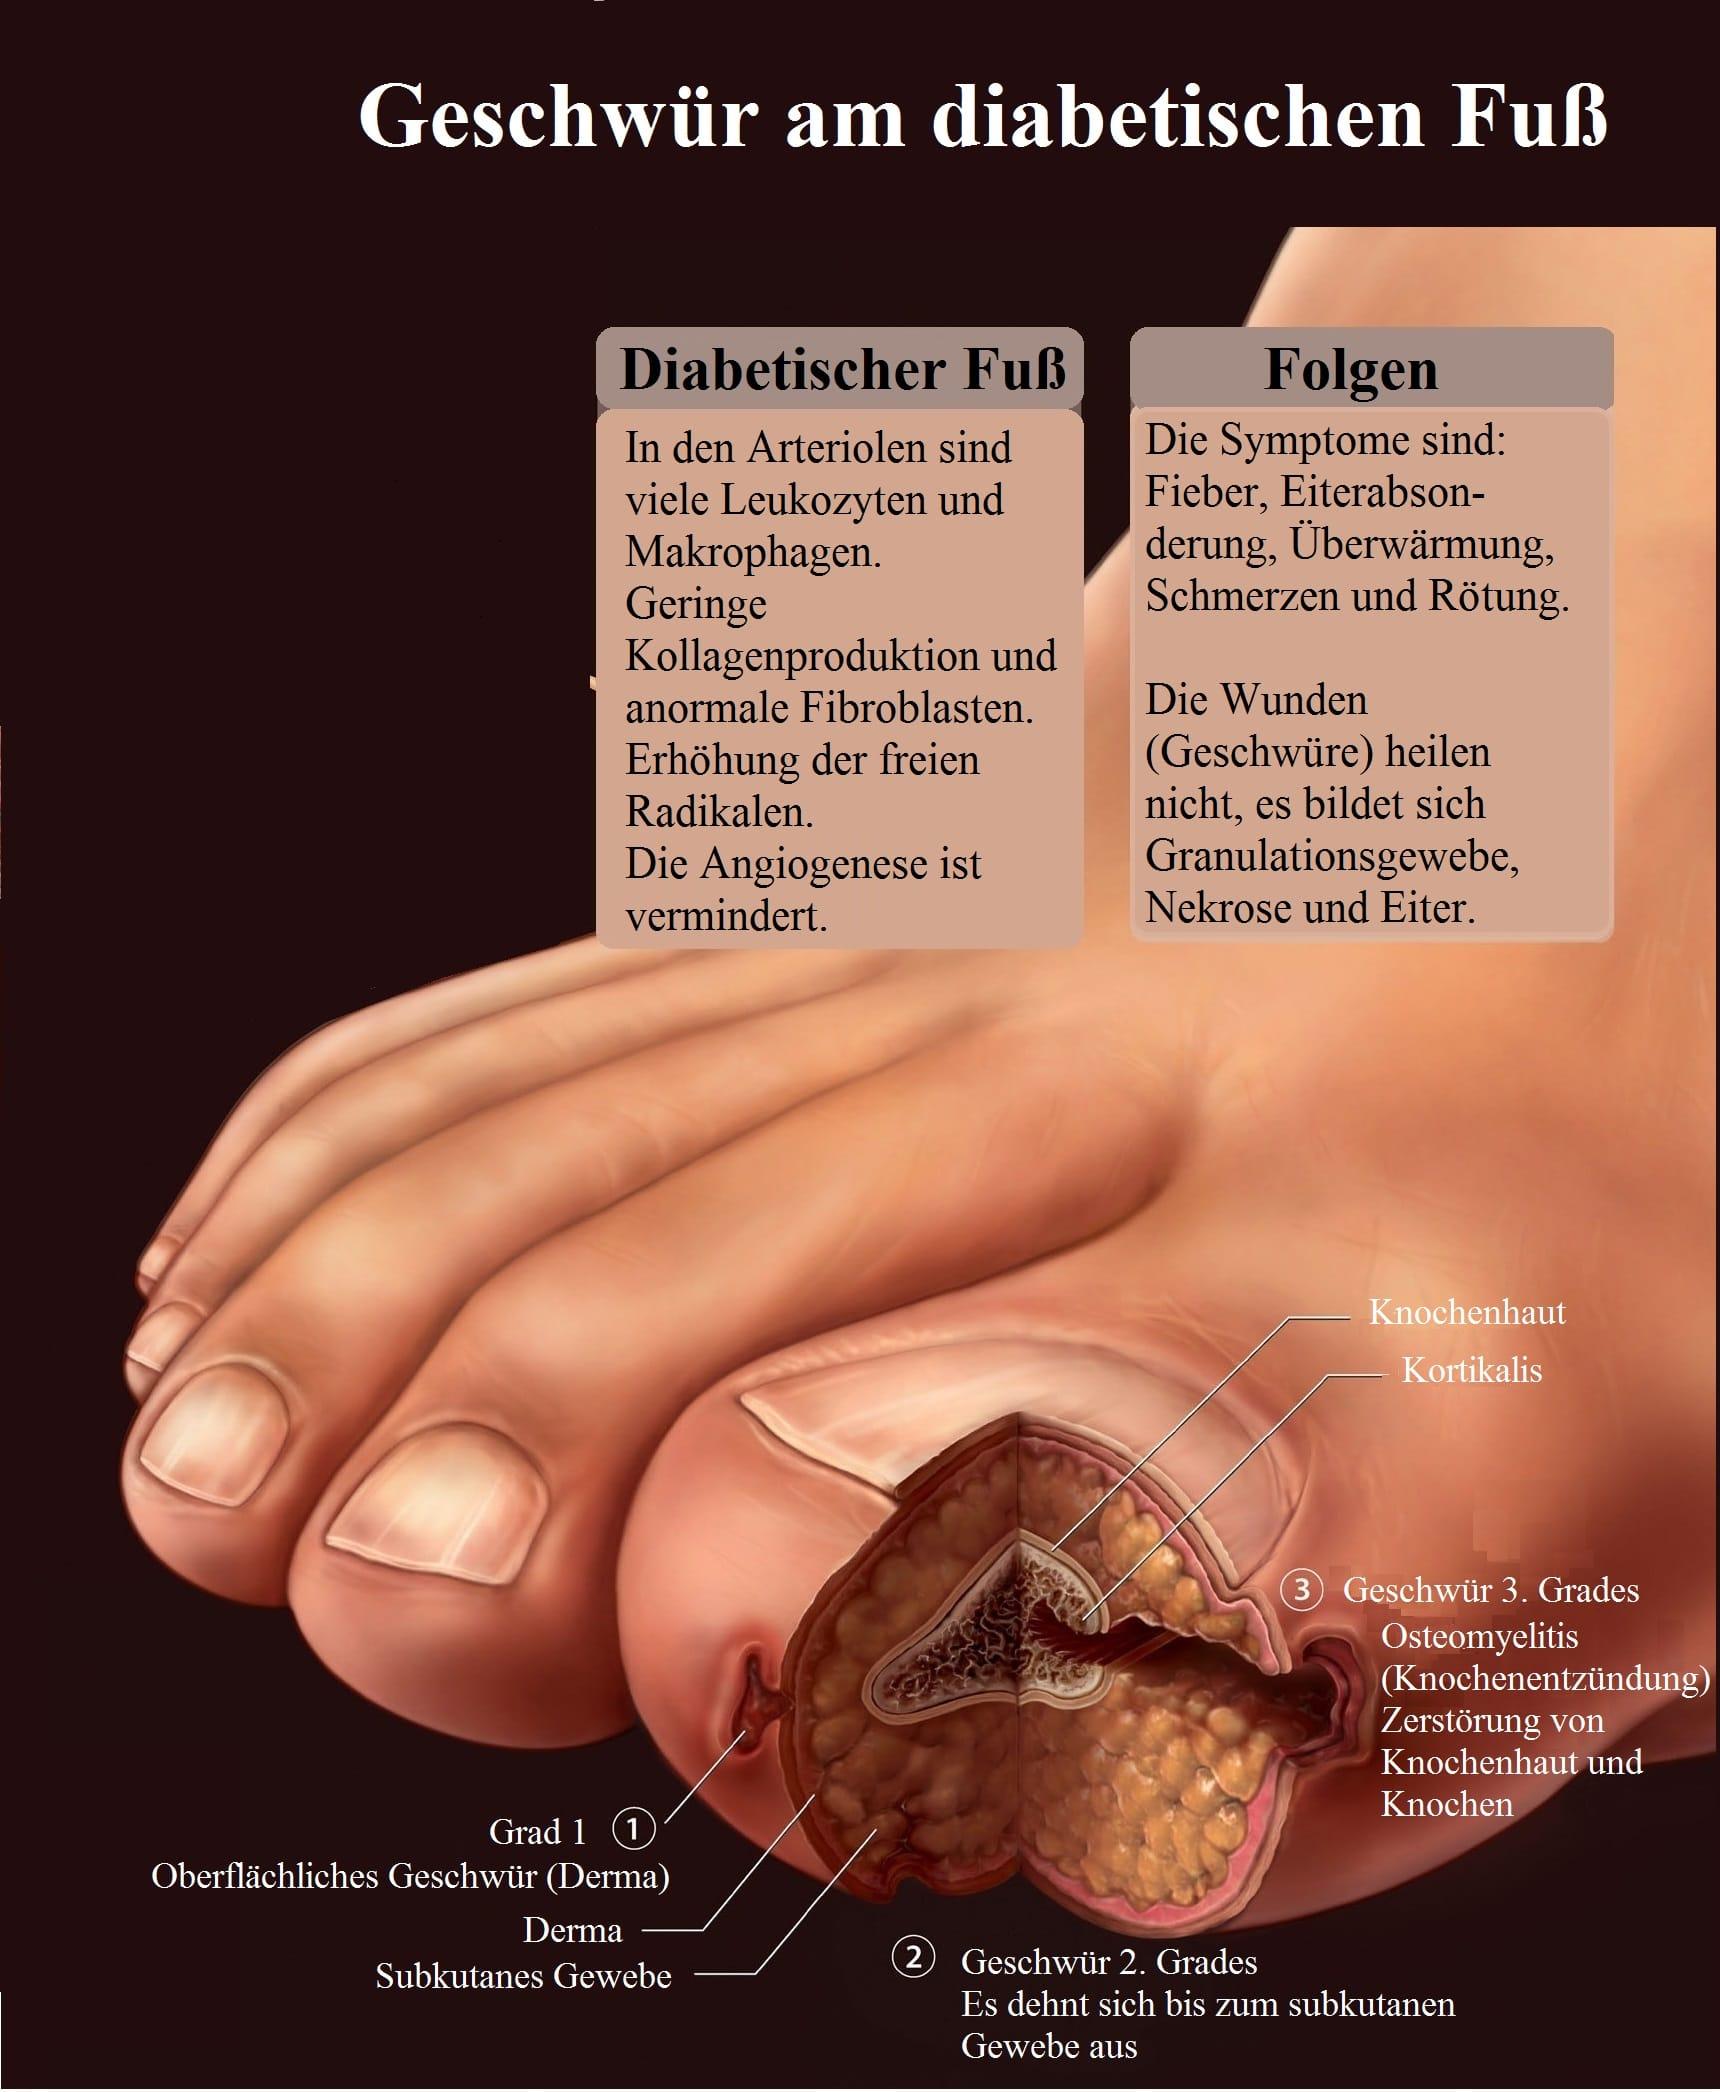 Geschwür, Diabetischer Fuß, Folgen